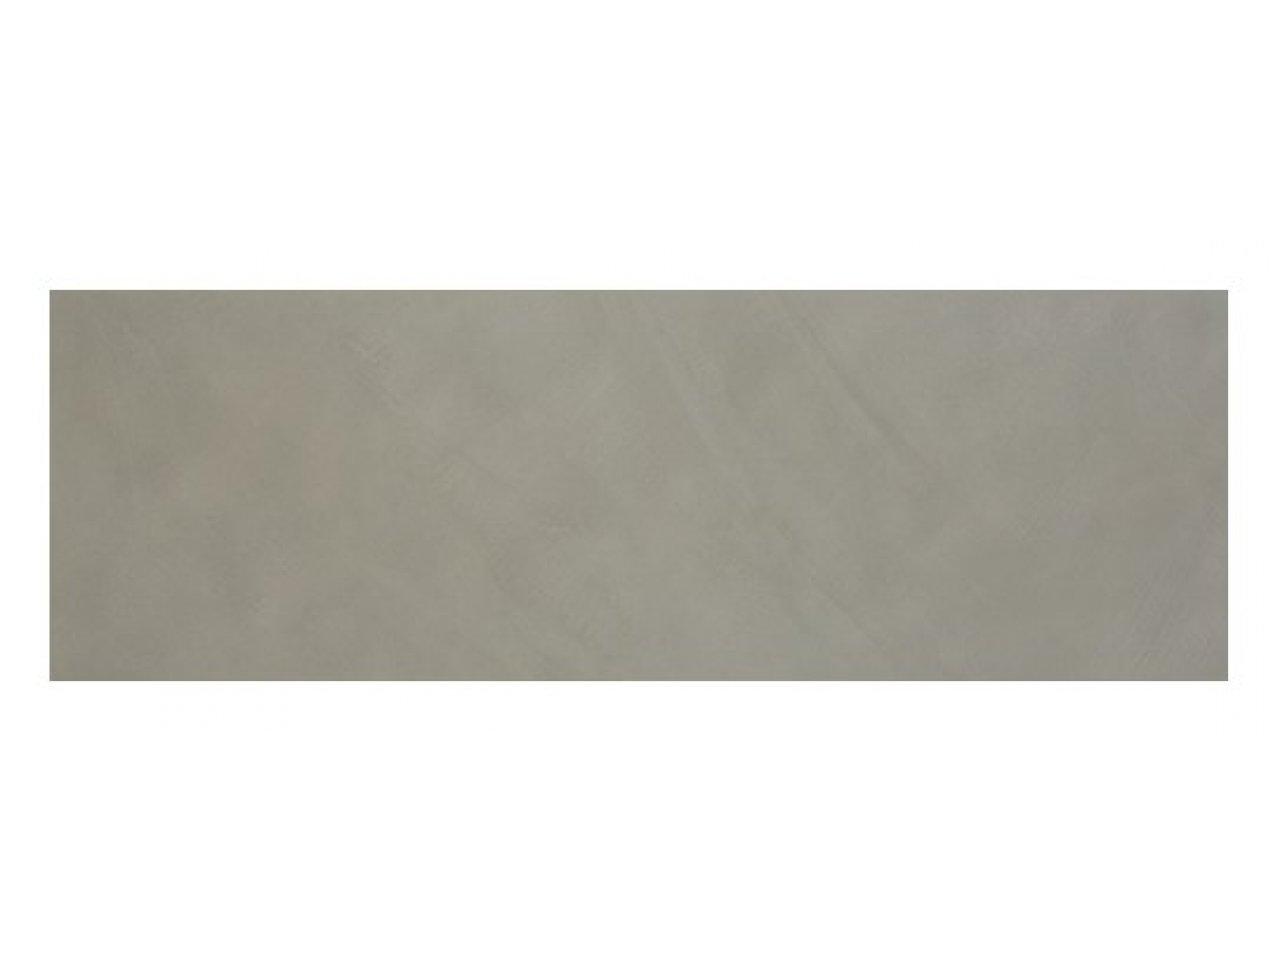 Настенная плитка FAP Color Now Fango 30.5x91.5 см, Арт. fMRR